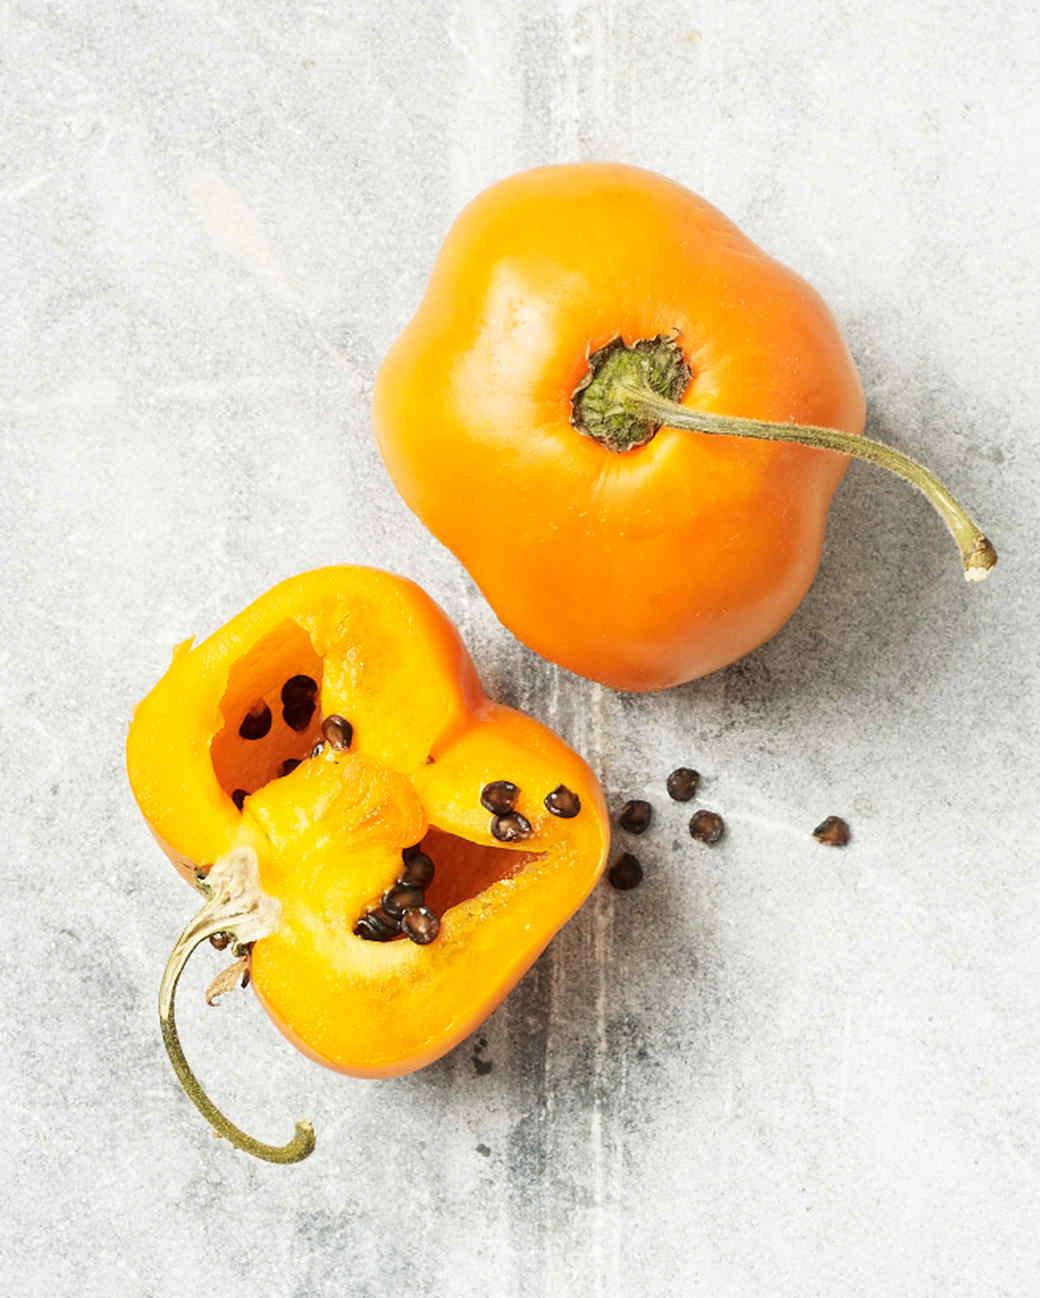 manzano-peppers-156-d110163.jpg